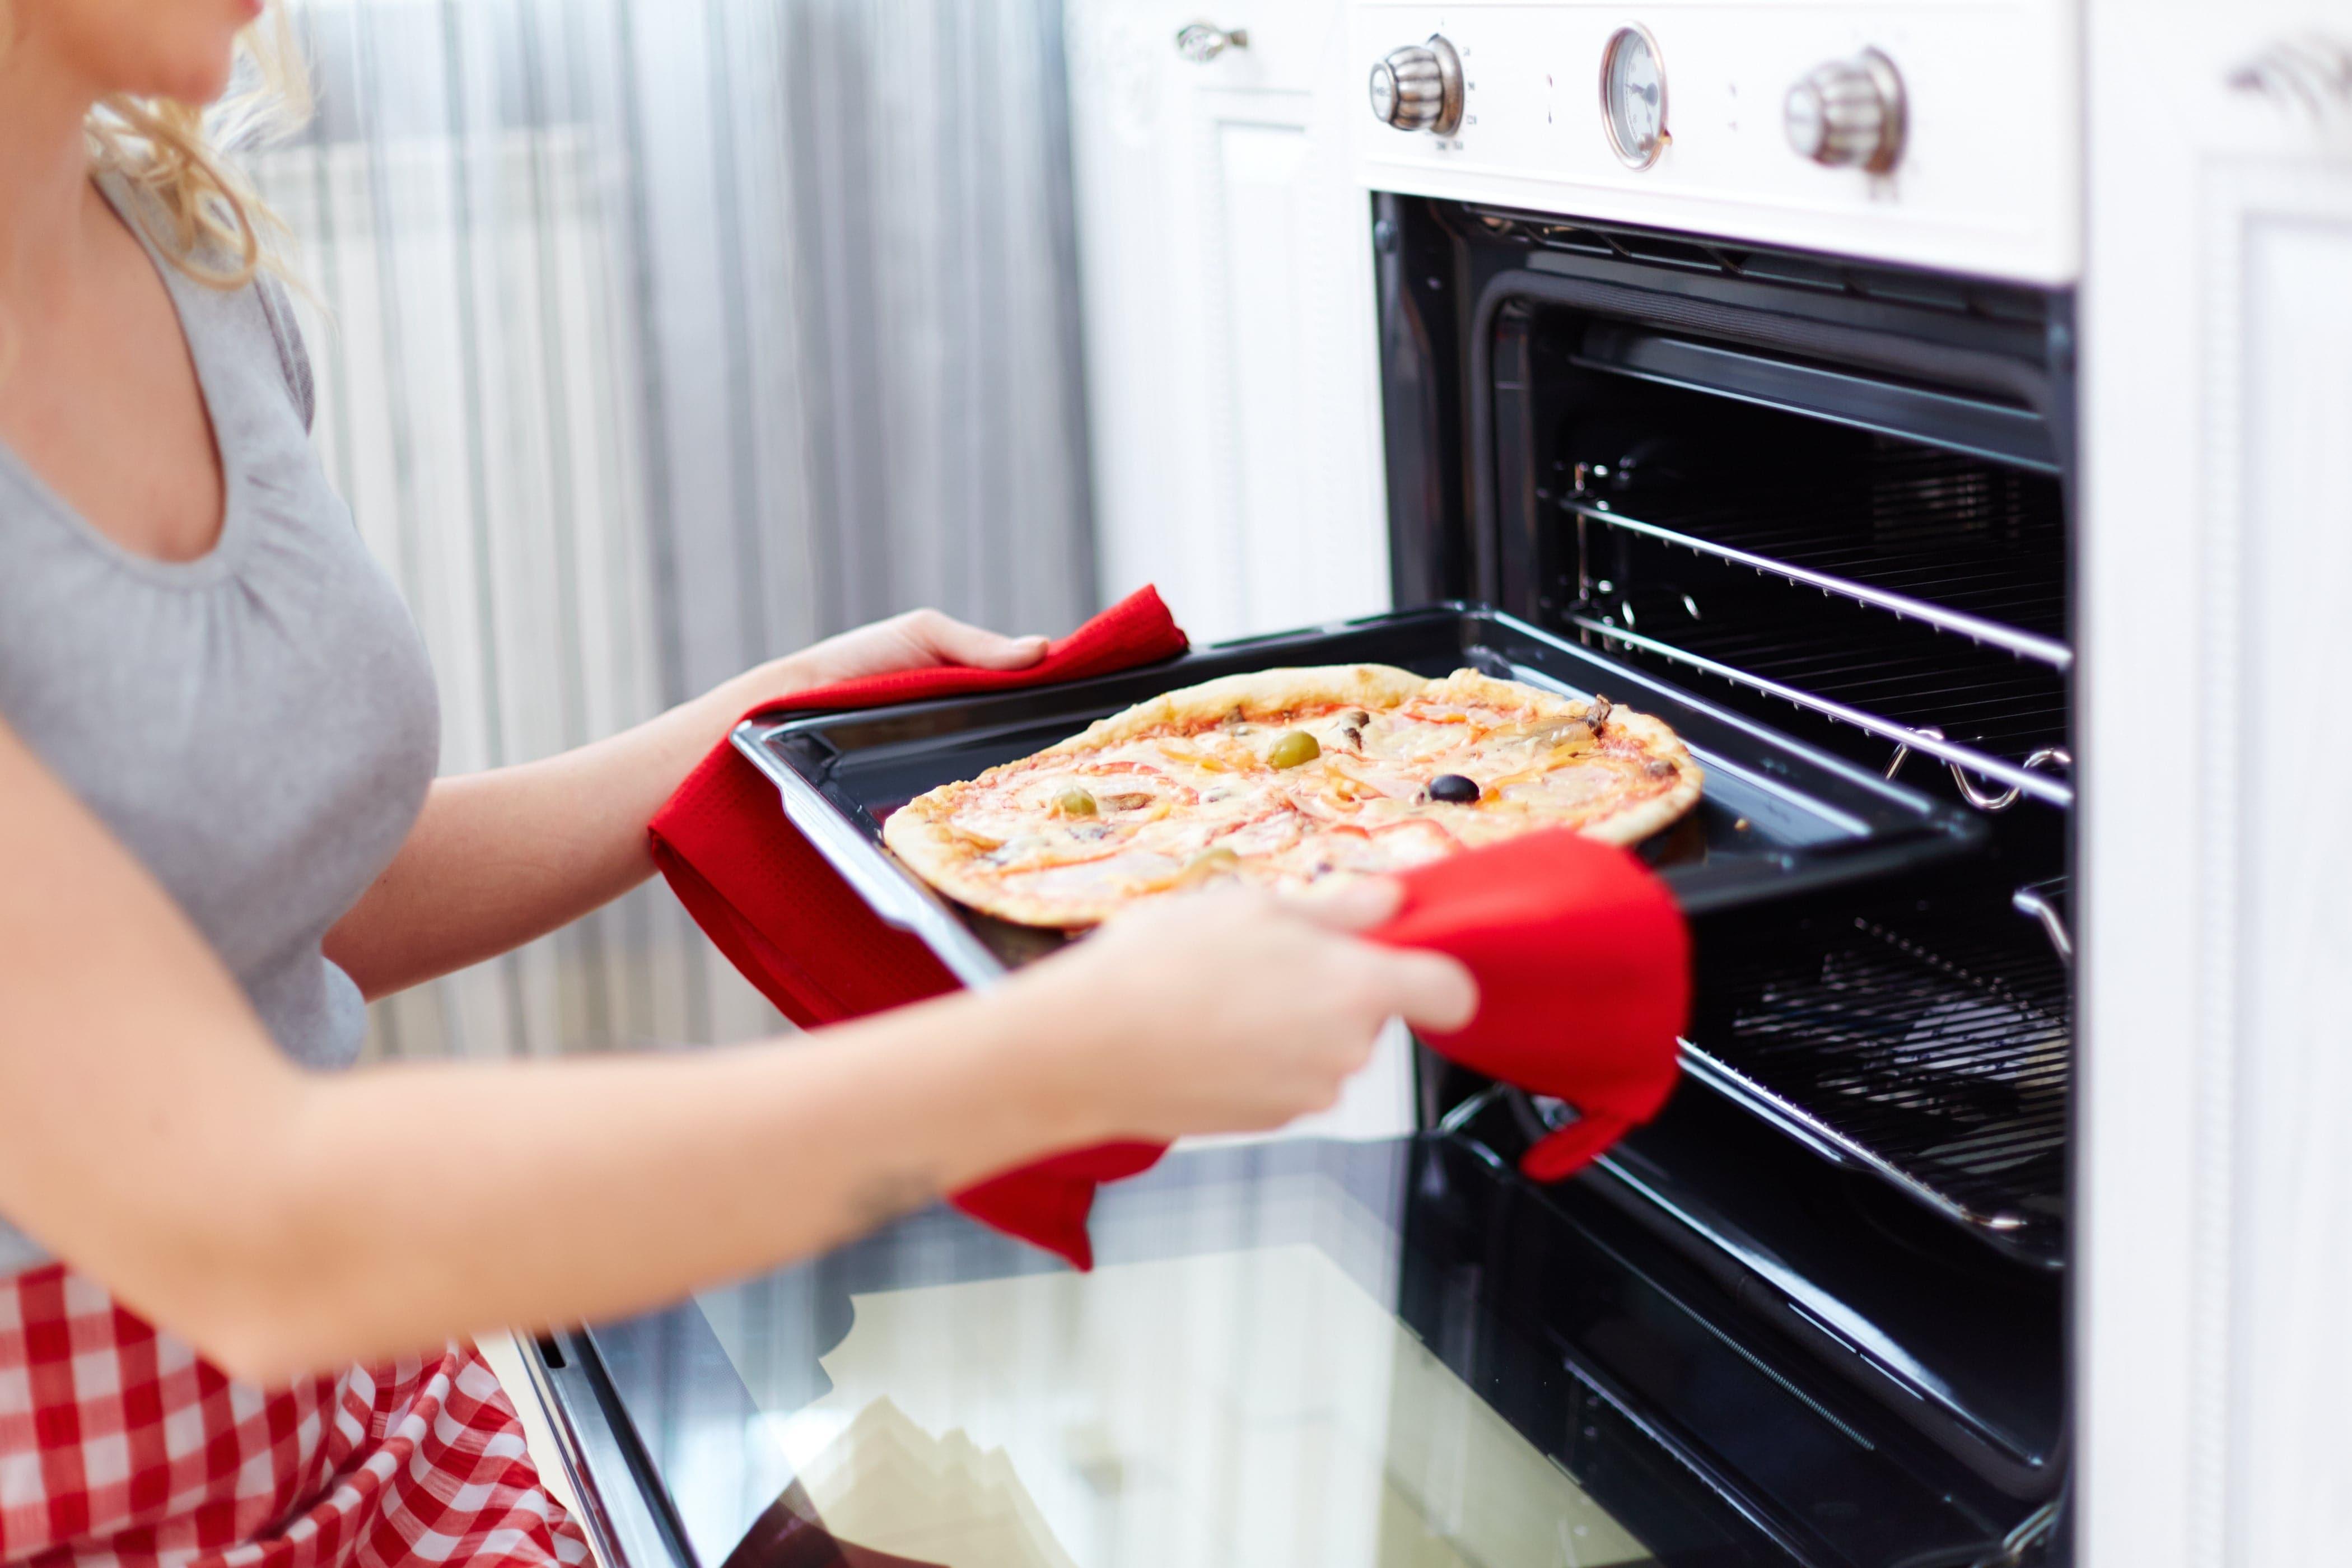 Cómo usar correctamente un horno